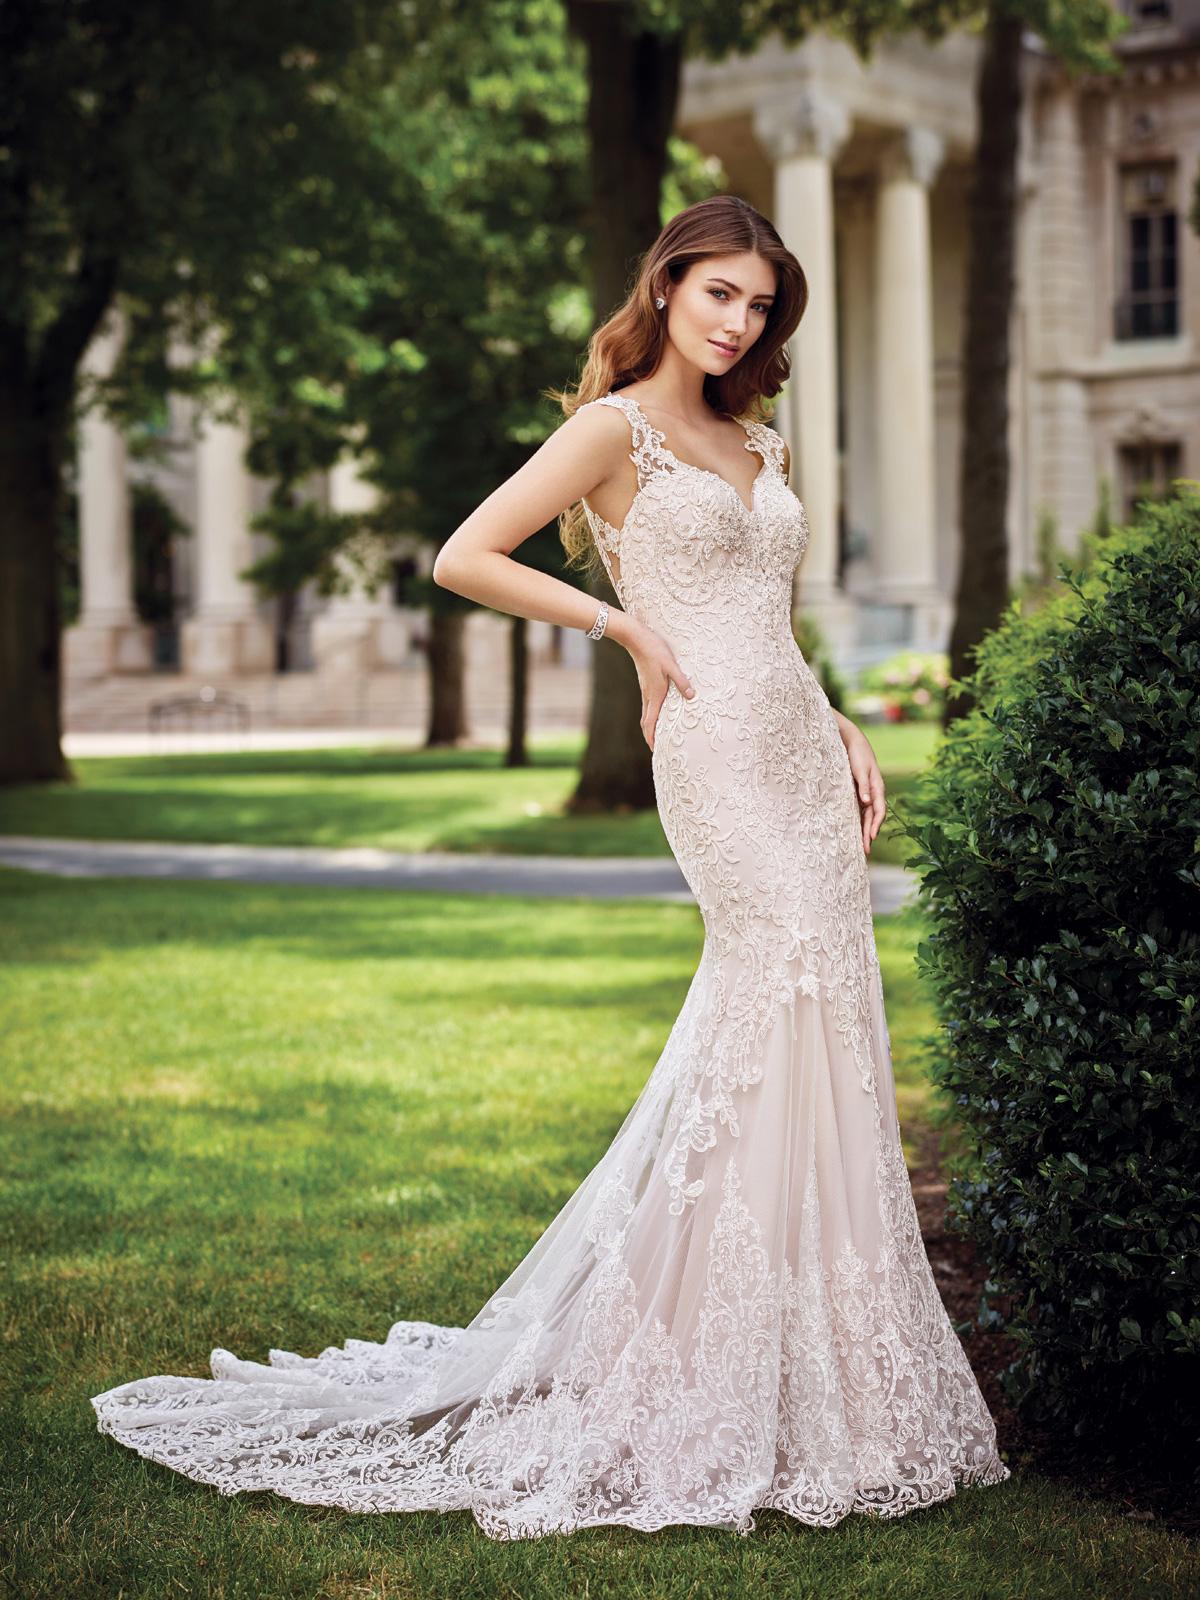 Vestido de Noiva decote princesa com alças e costas na transparência, corte sereia todo confeccionado em renda francesa rebordada em pedrarias e cauda transparente.